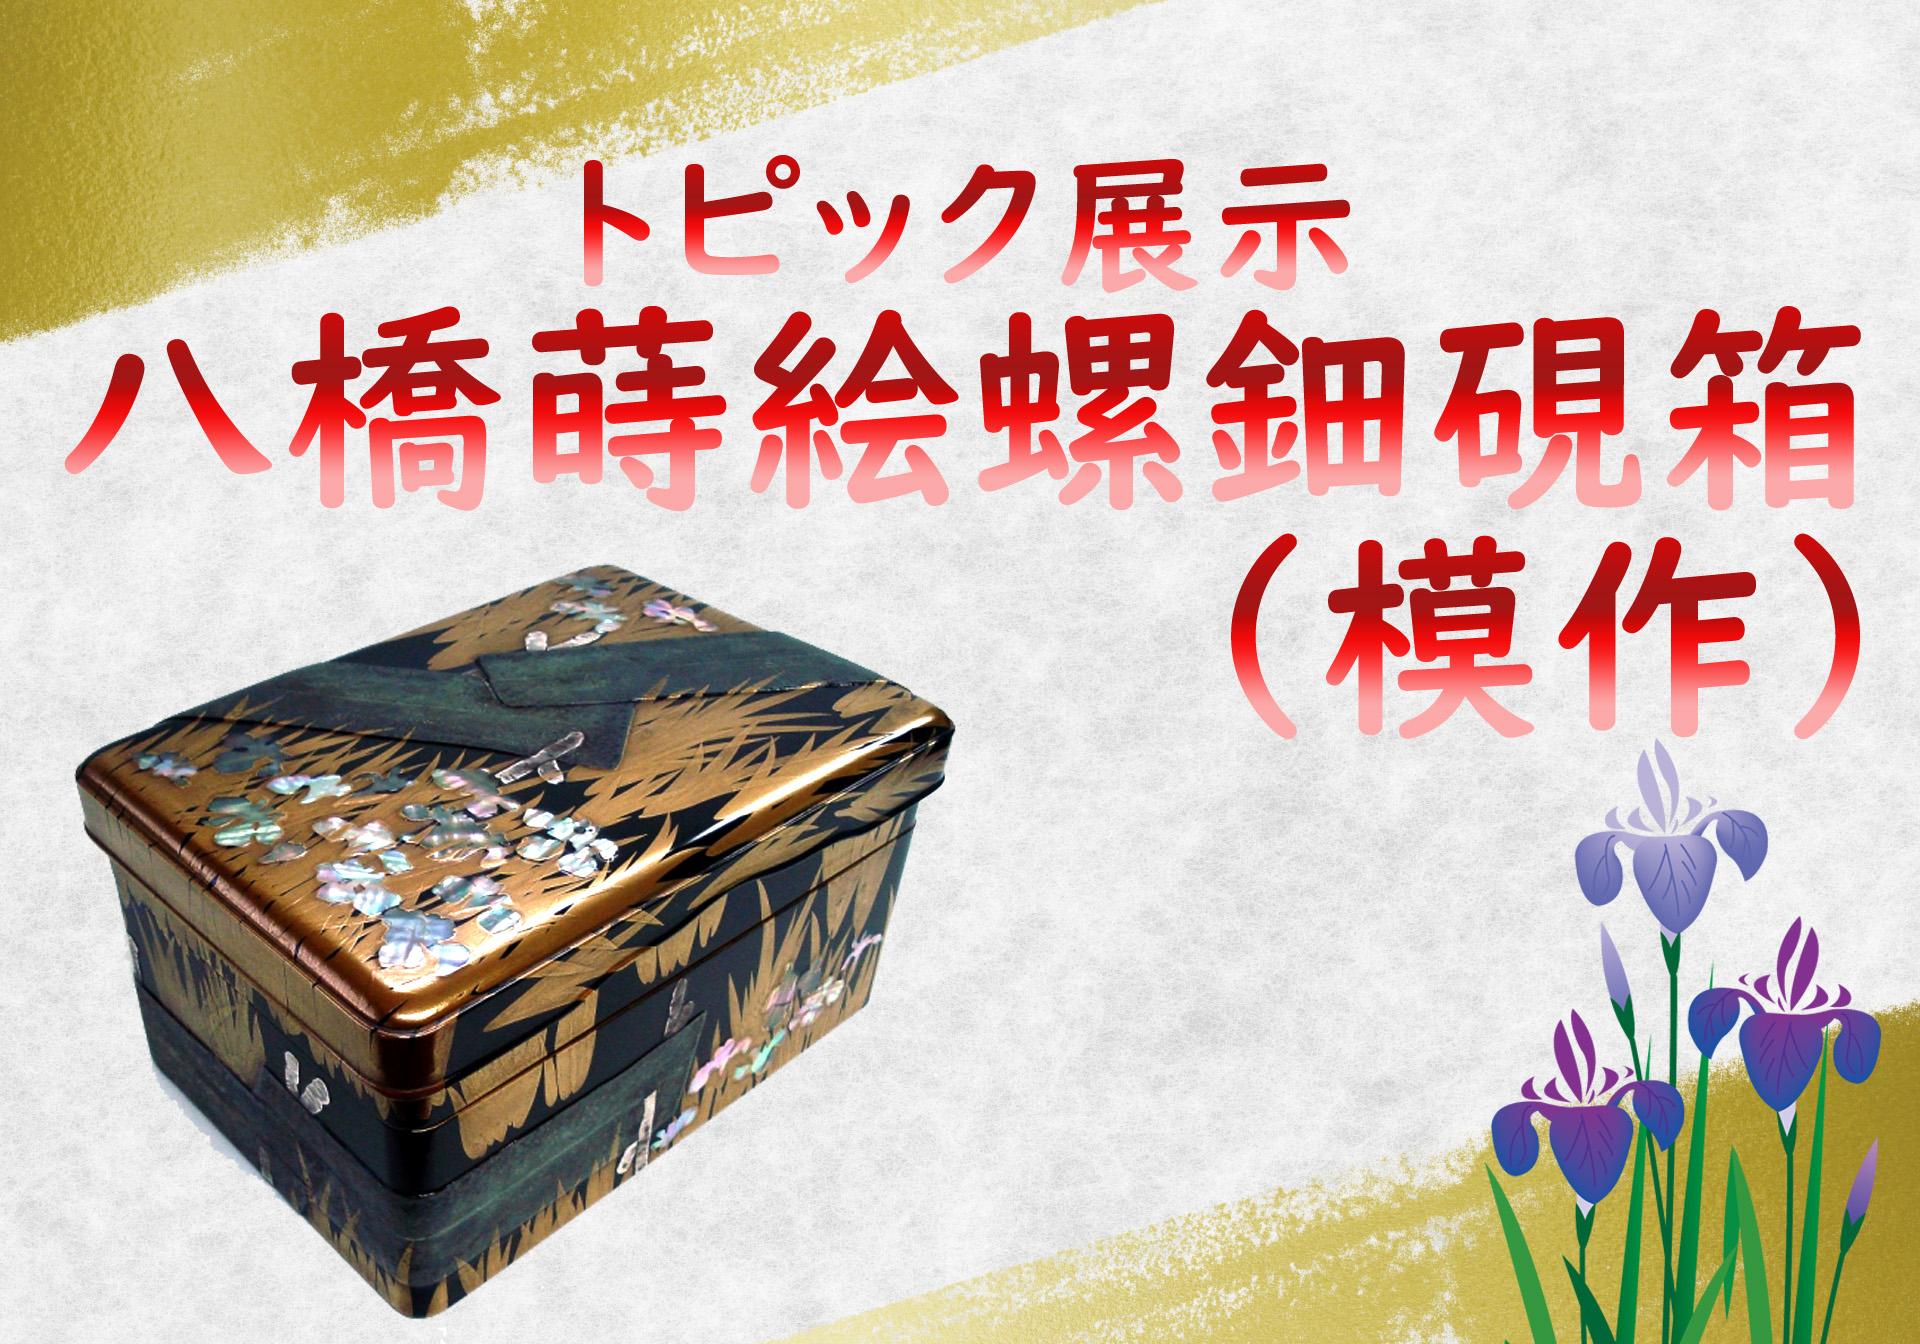 トピック展示「見てみよう!八橋蒔絵螺鈿硯箱(模作)」